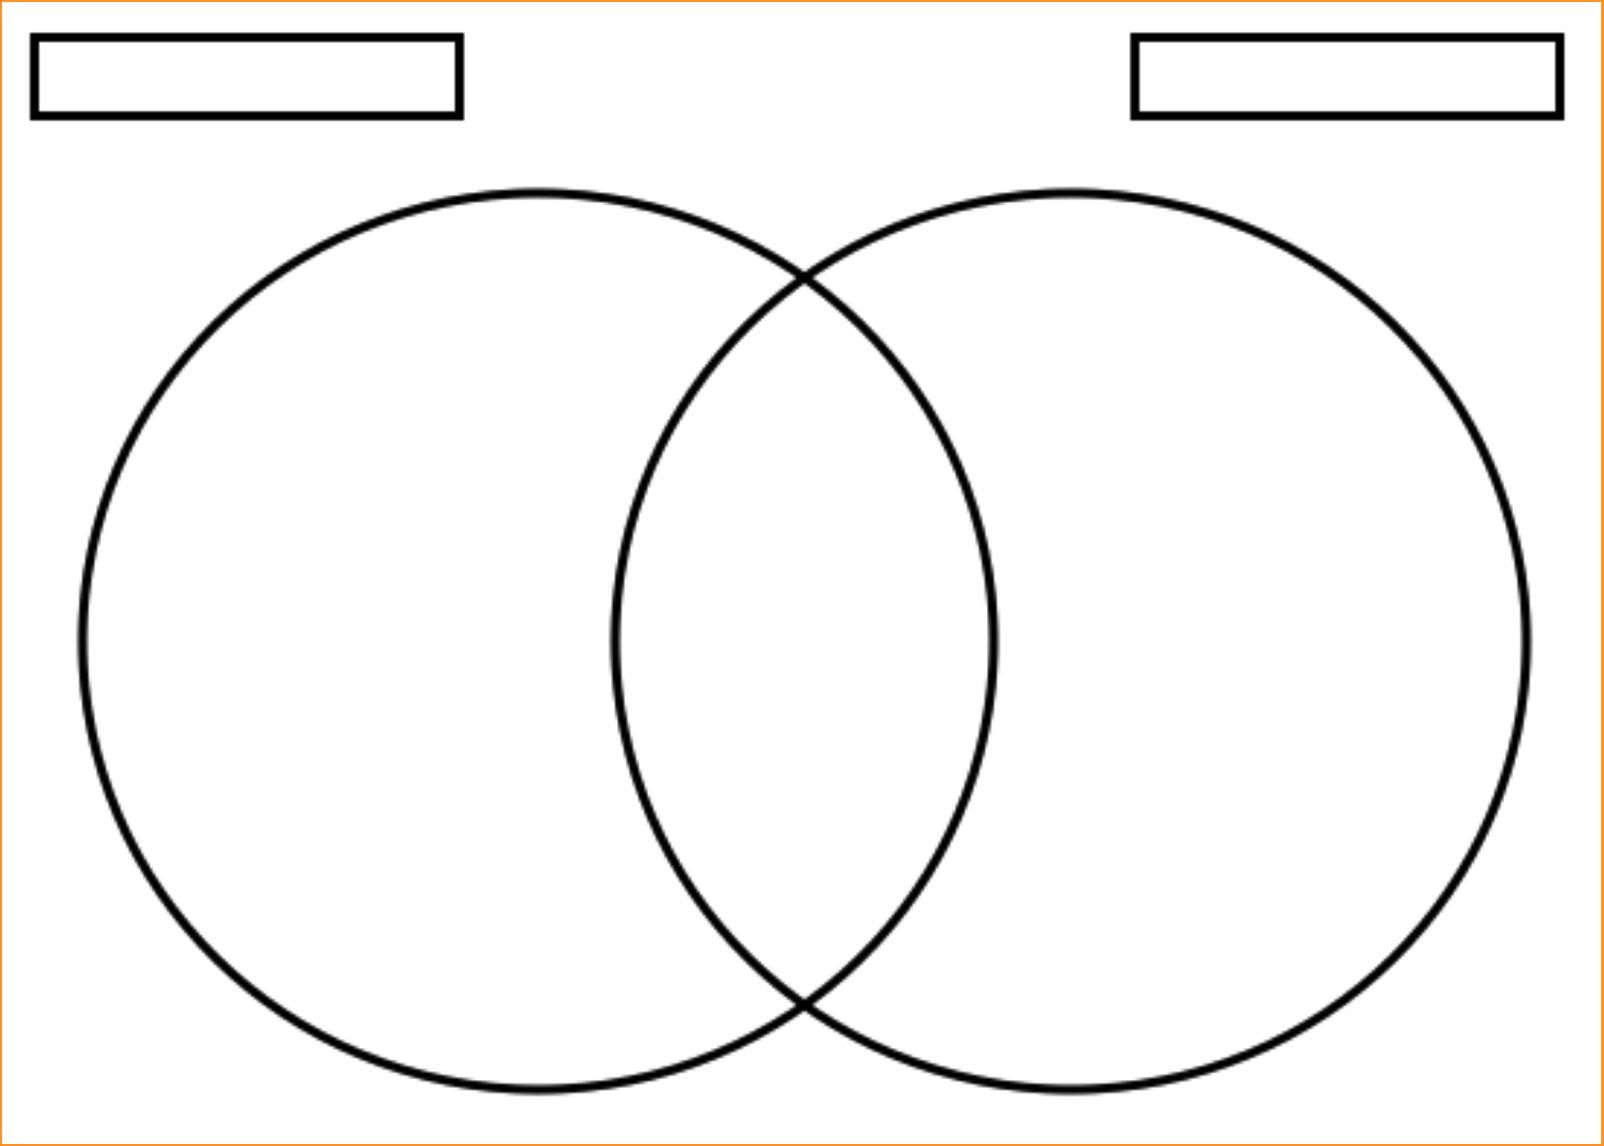 Logic Venn Diagram Blank